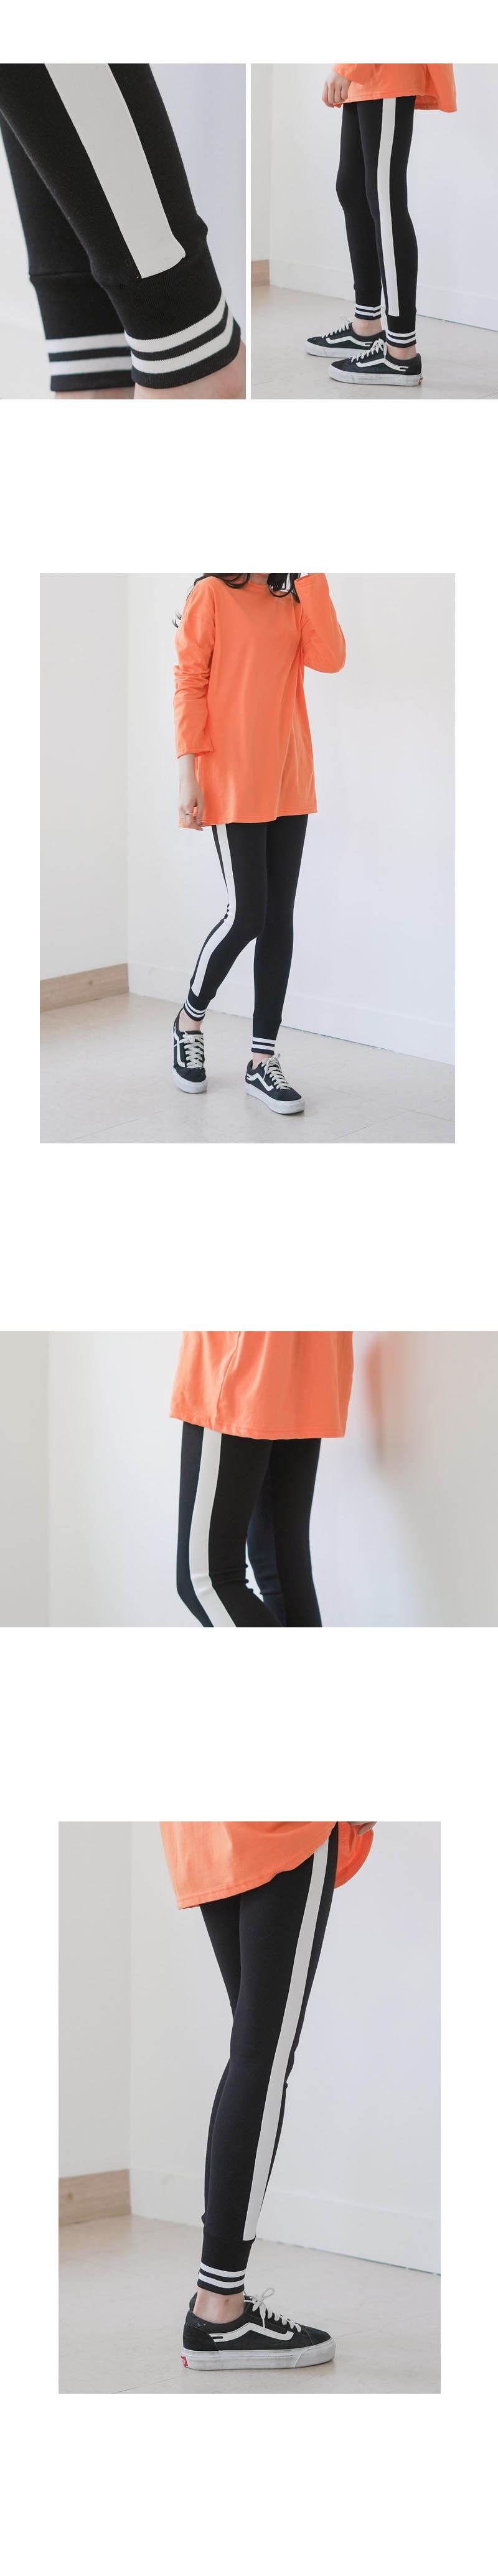 겟잇미 쫀쫀 신축 밴딩 라인 배색 레깅스 - 겟잇미, 23,730원, 하의, 레깅스